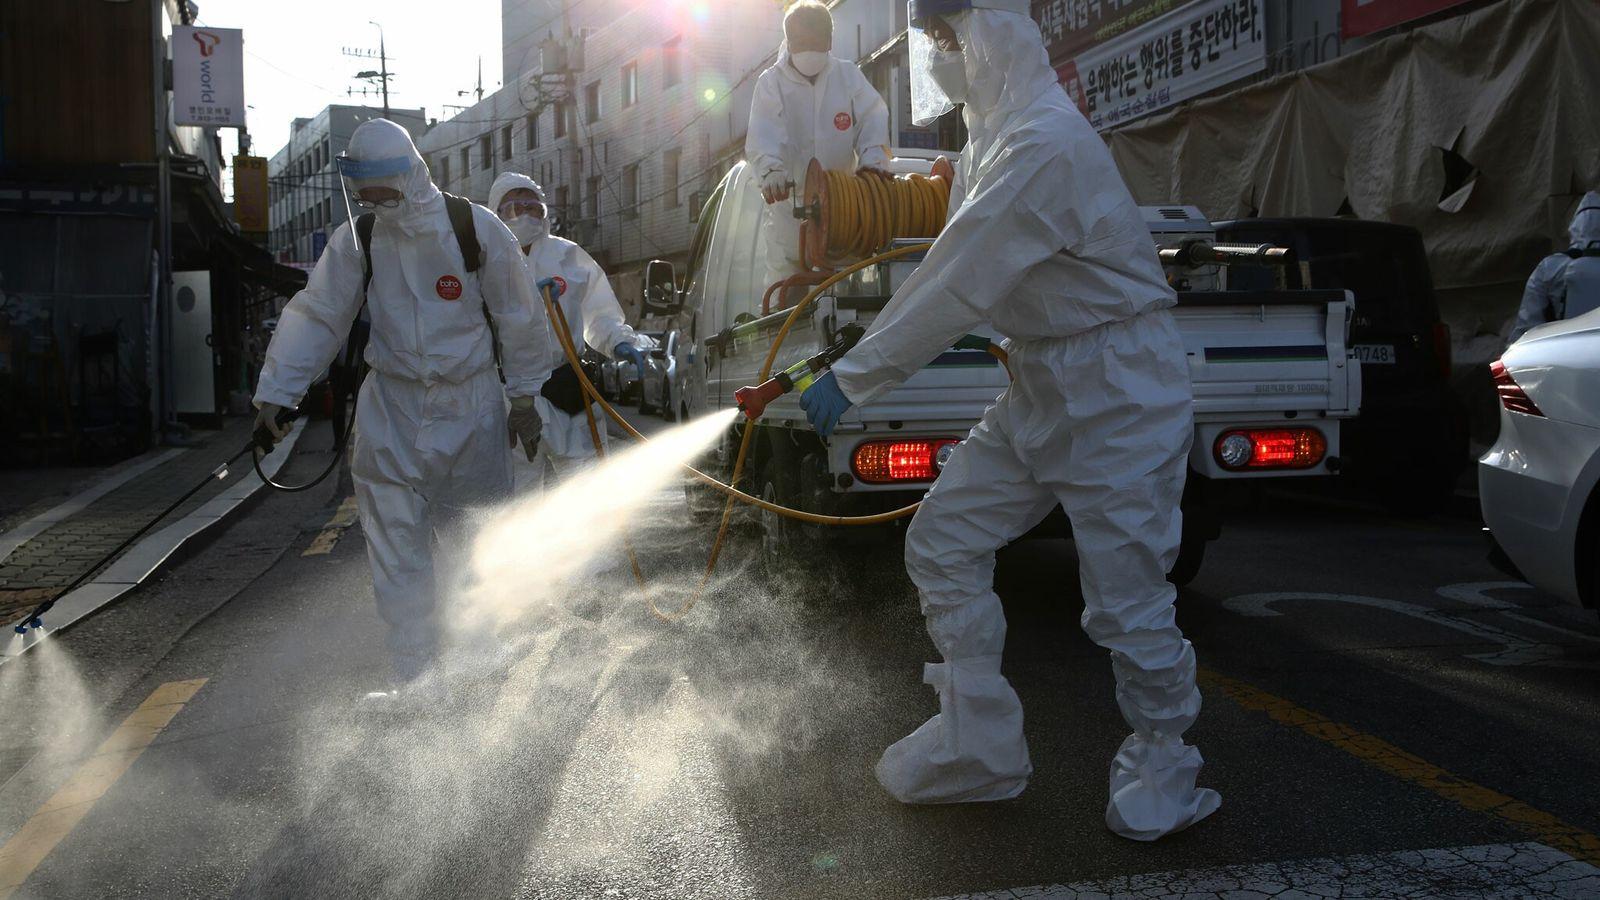 Le 6 octobre, des agents de désinfection équipés de protections individuelles nettoient une rue de la vile ...